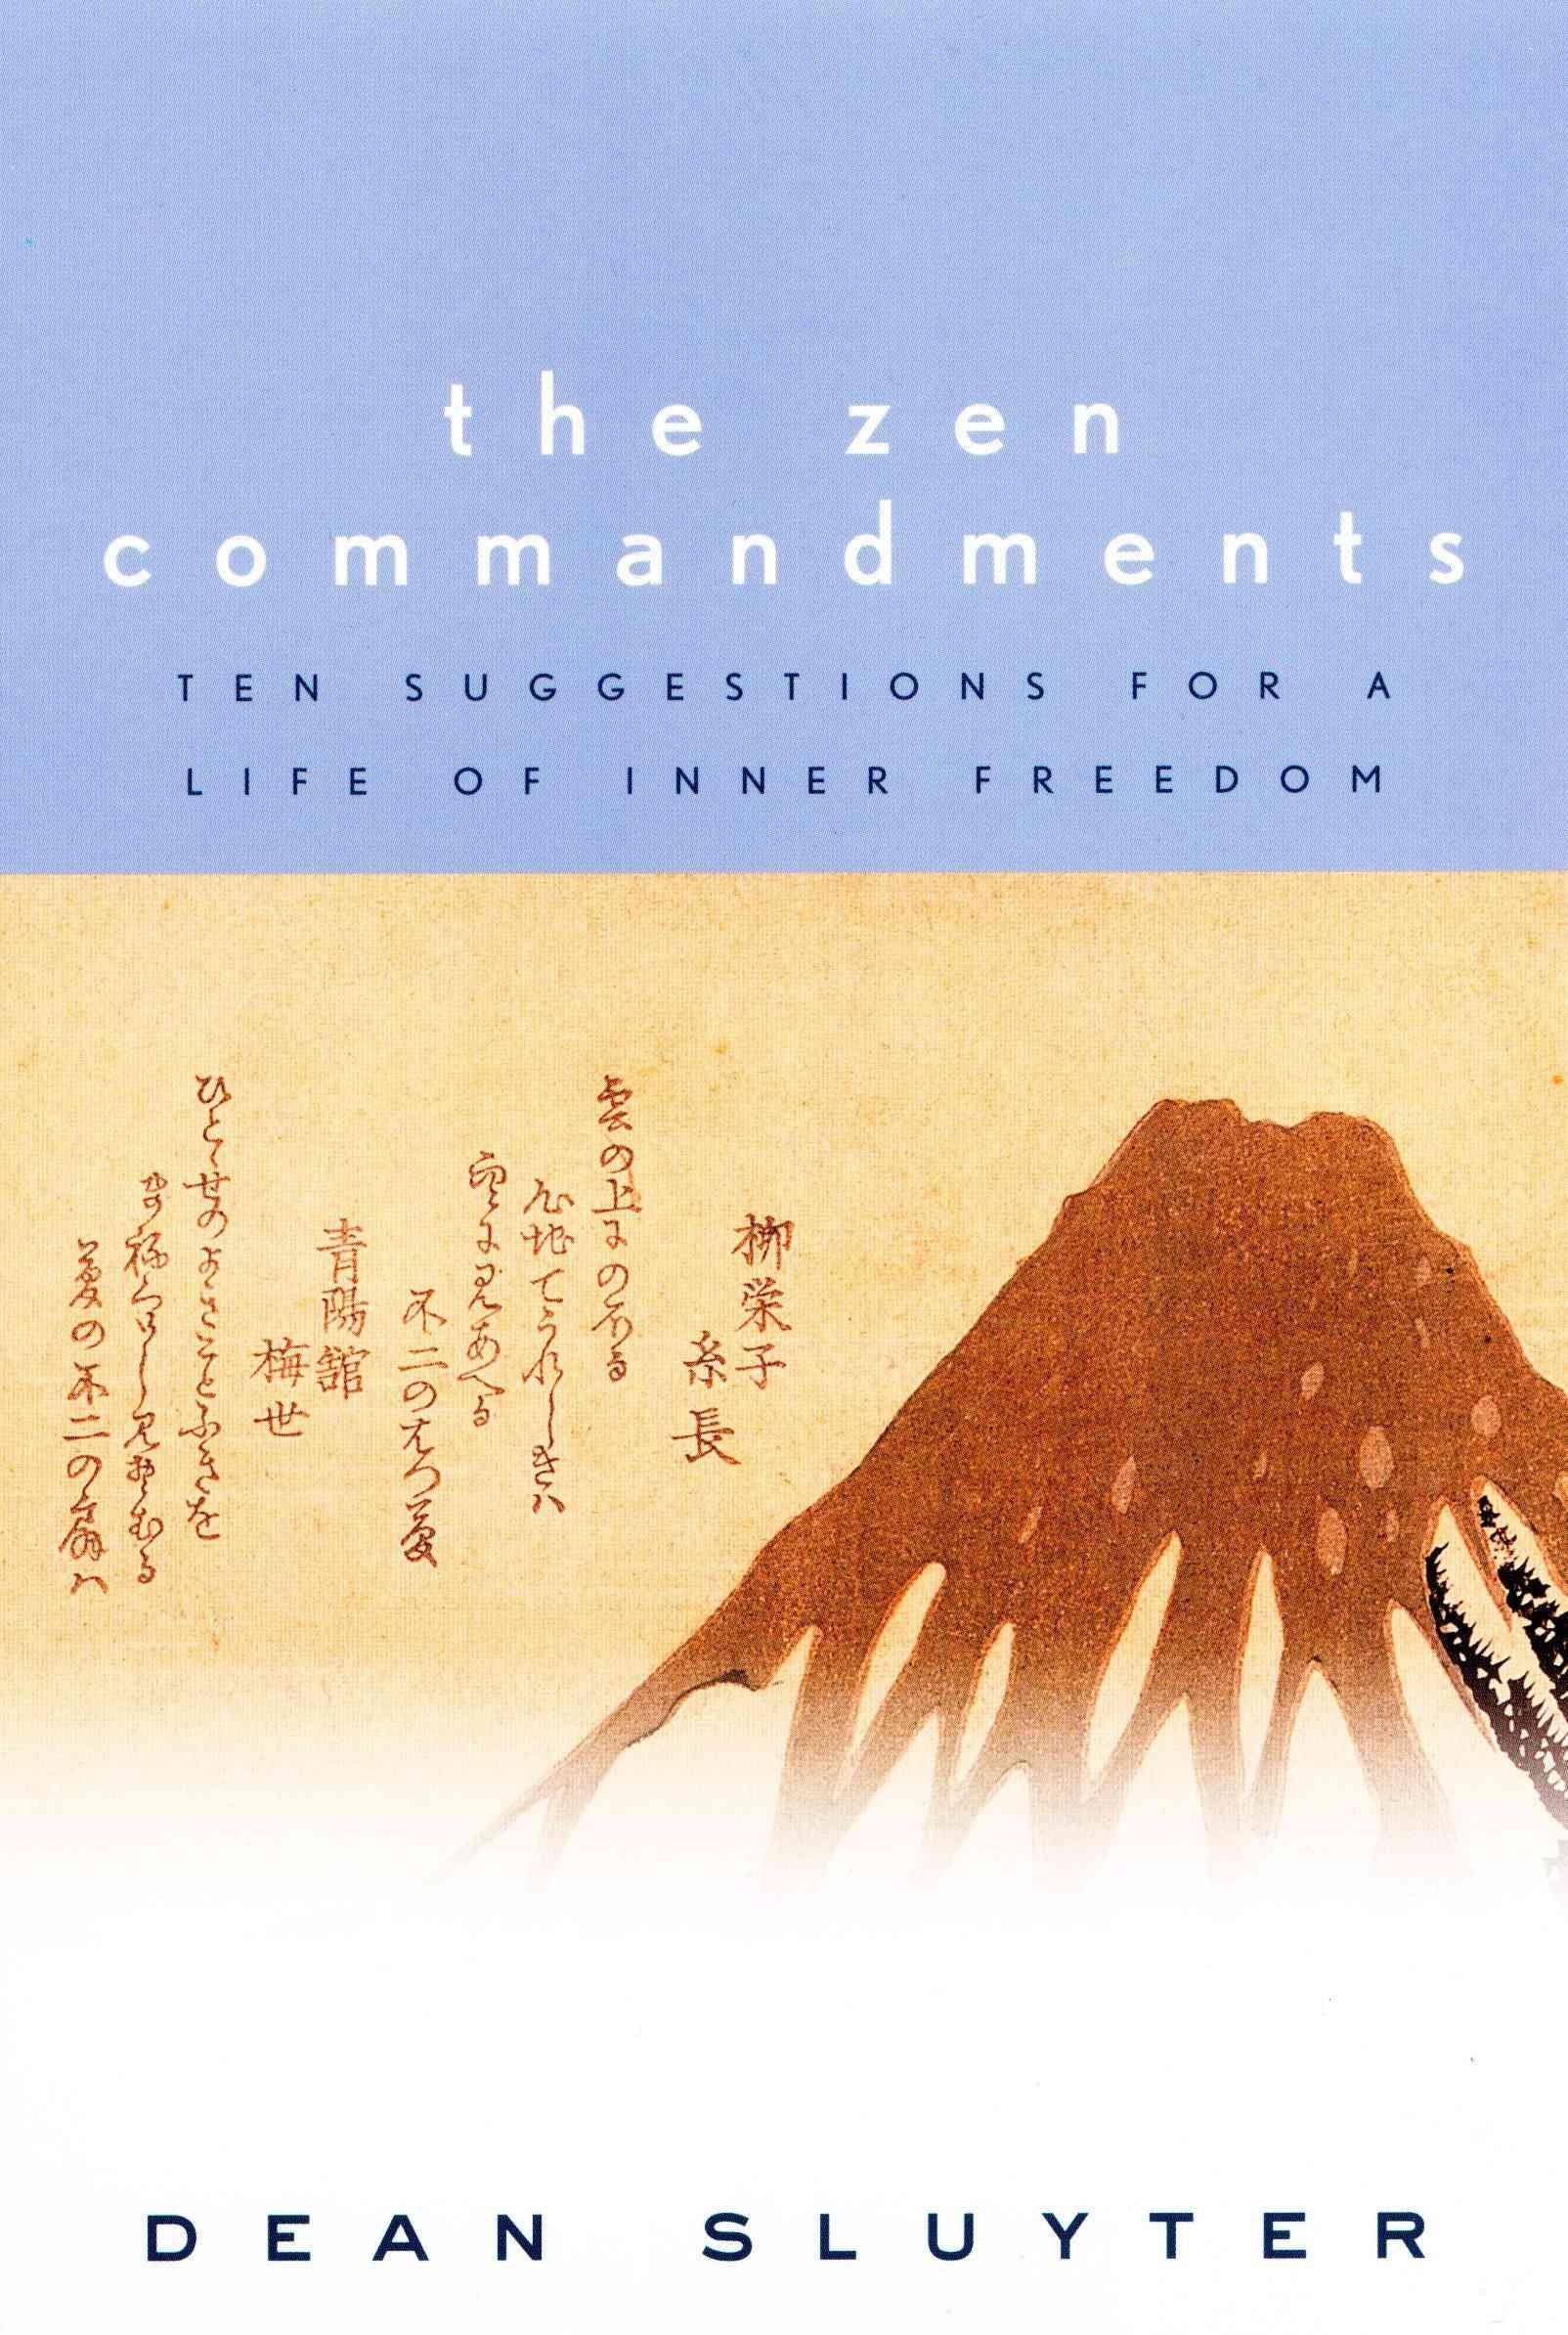 zen commandments